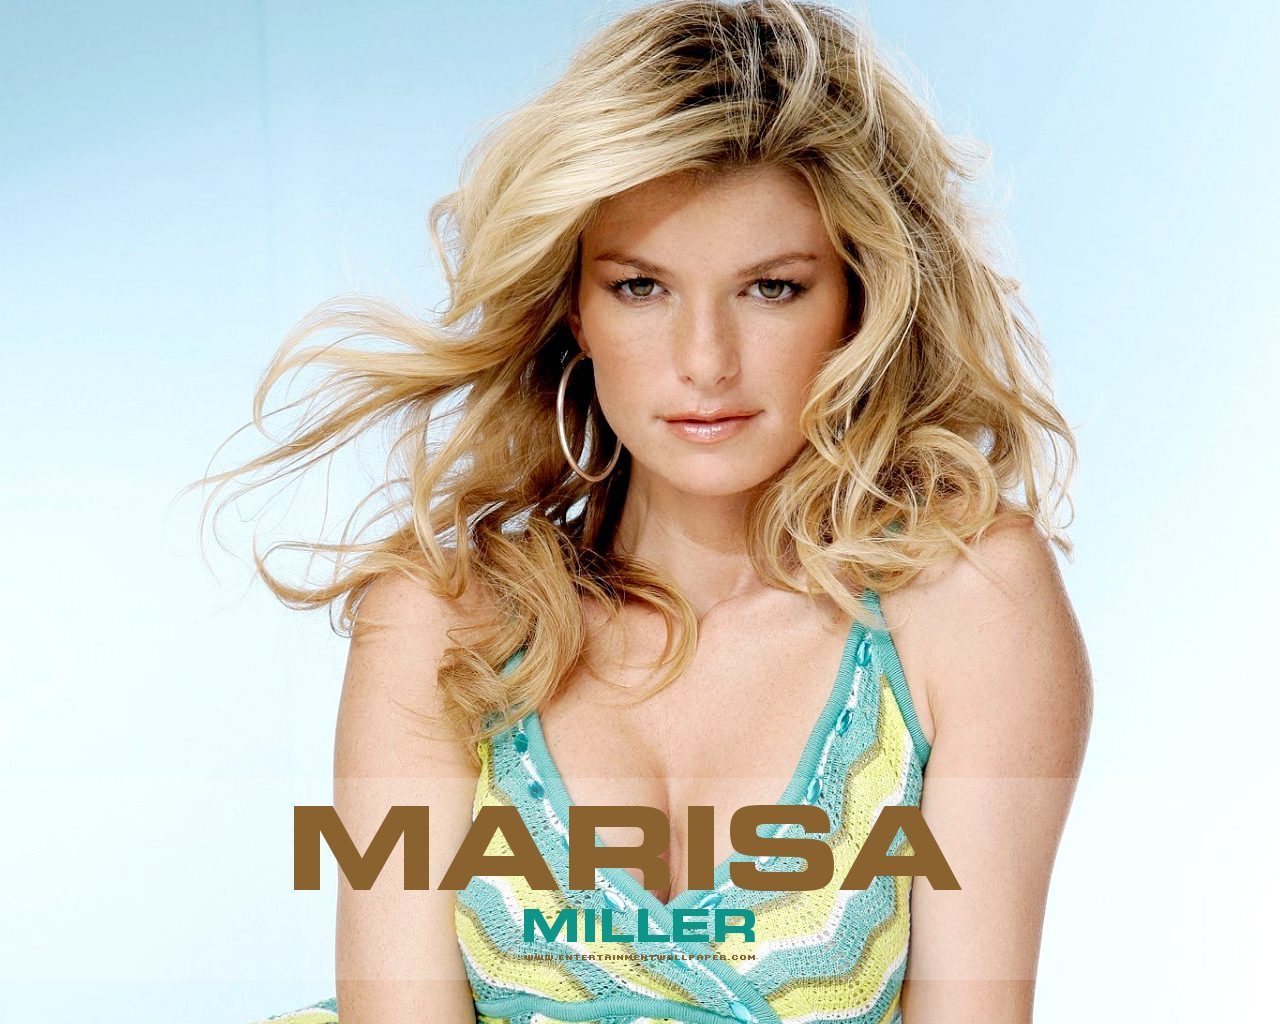 http://2.bp.blogspot.com/-NGaauiJVHKc/Tw9DWJFdn8I/AAAAAAAAA2o/fiKtQ9ib4hU/s1600/Marisa+Miller+28.jpg